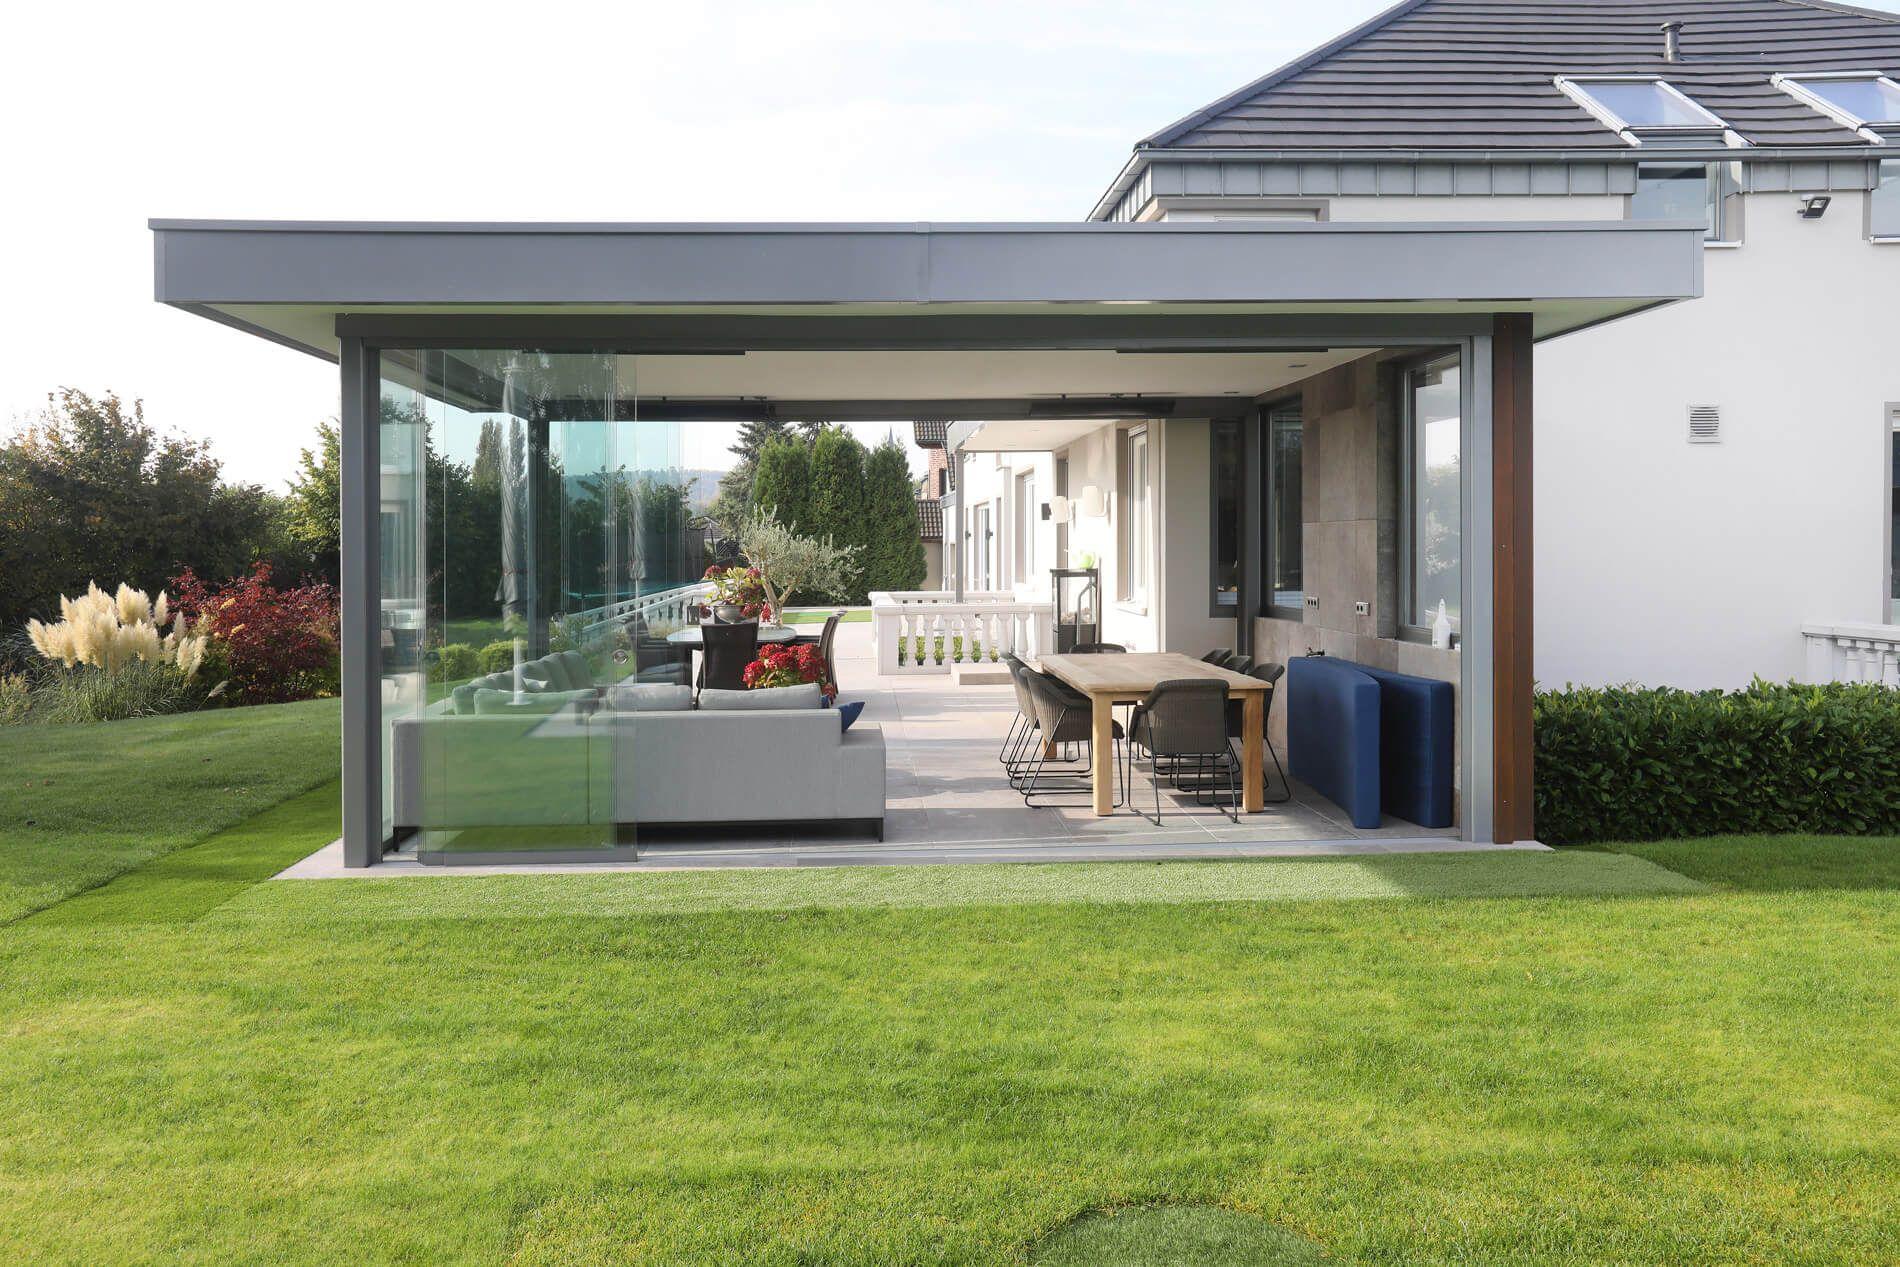 Beispielbilder Von Sunflex Schiebeelemente Fur Terrasse Balkon